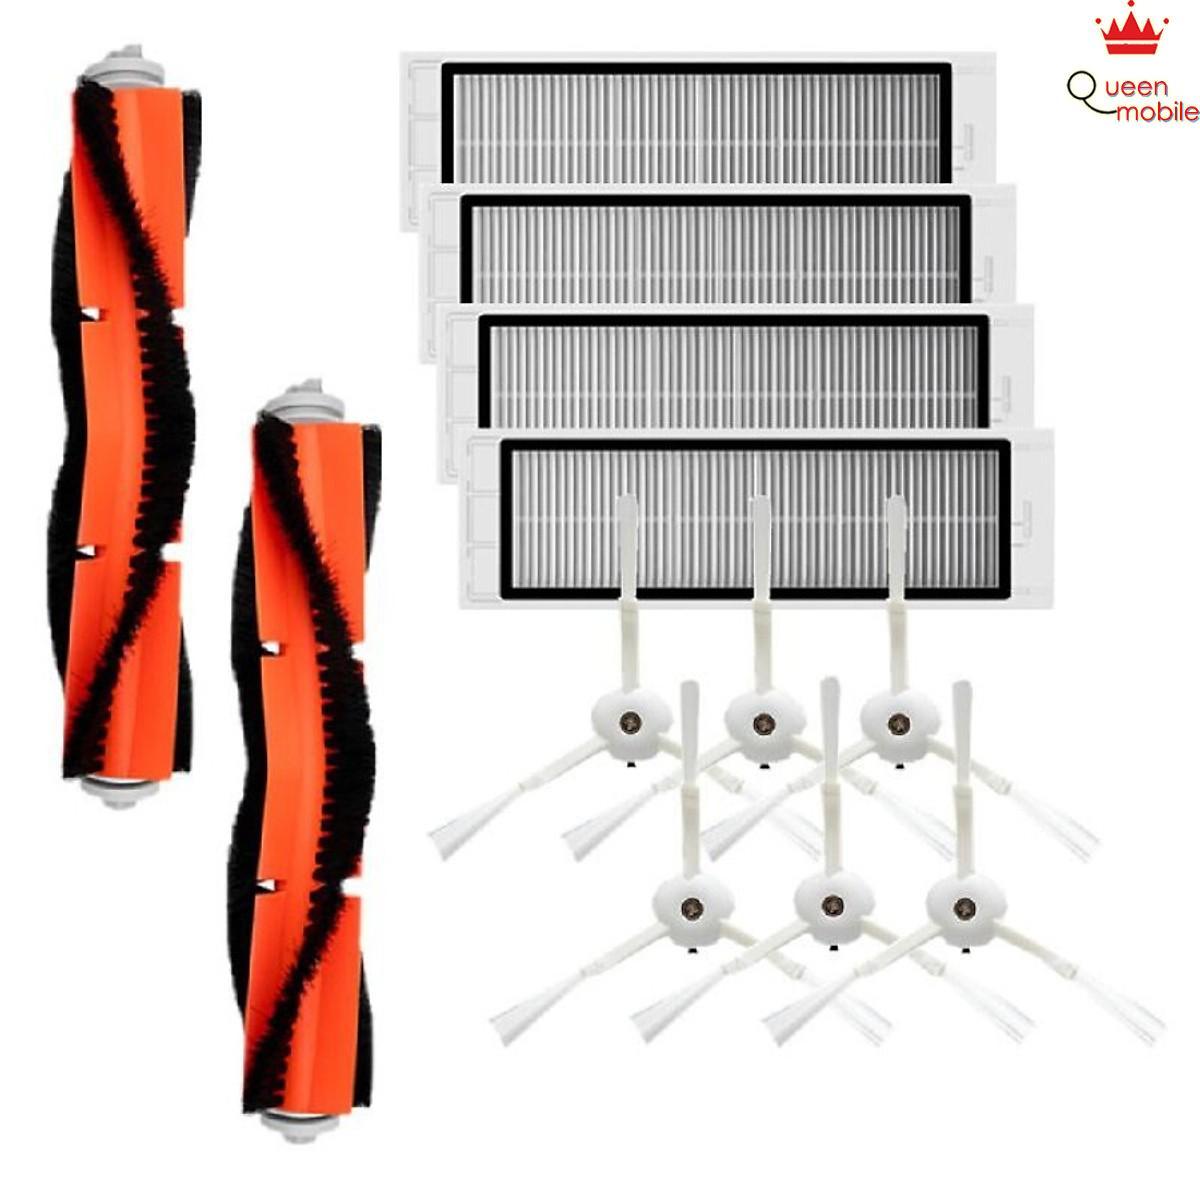 Bộ Phụ Kiện Máy Hút Bụi Xiaomi 1 Xia Gồm 6 Chổi Cạnh + 4 Bộ Lọc HEPA + 2  Chổi Chính - QUEEN MOBILE